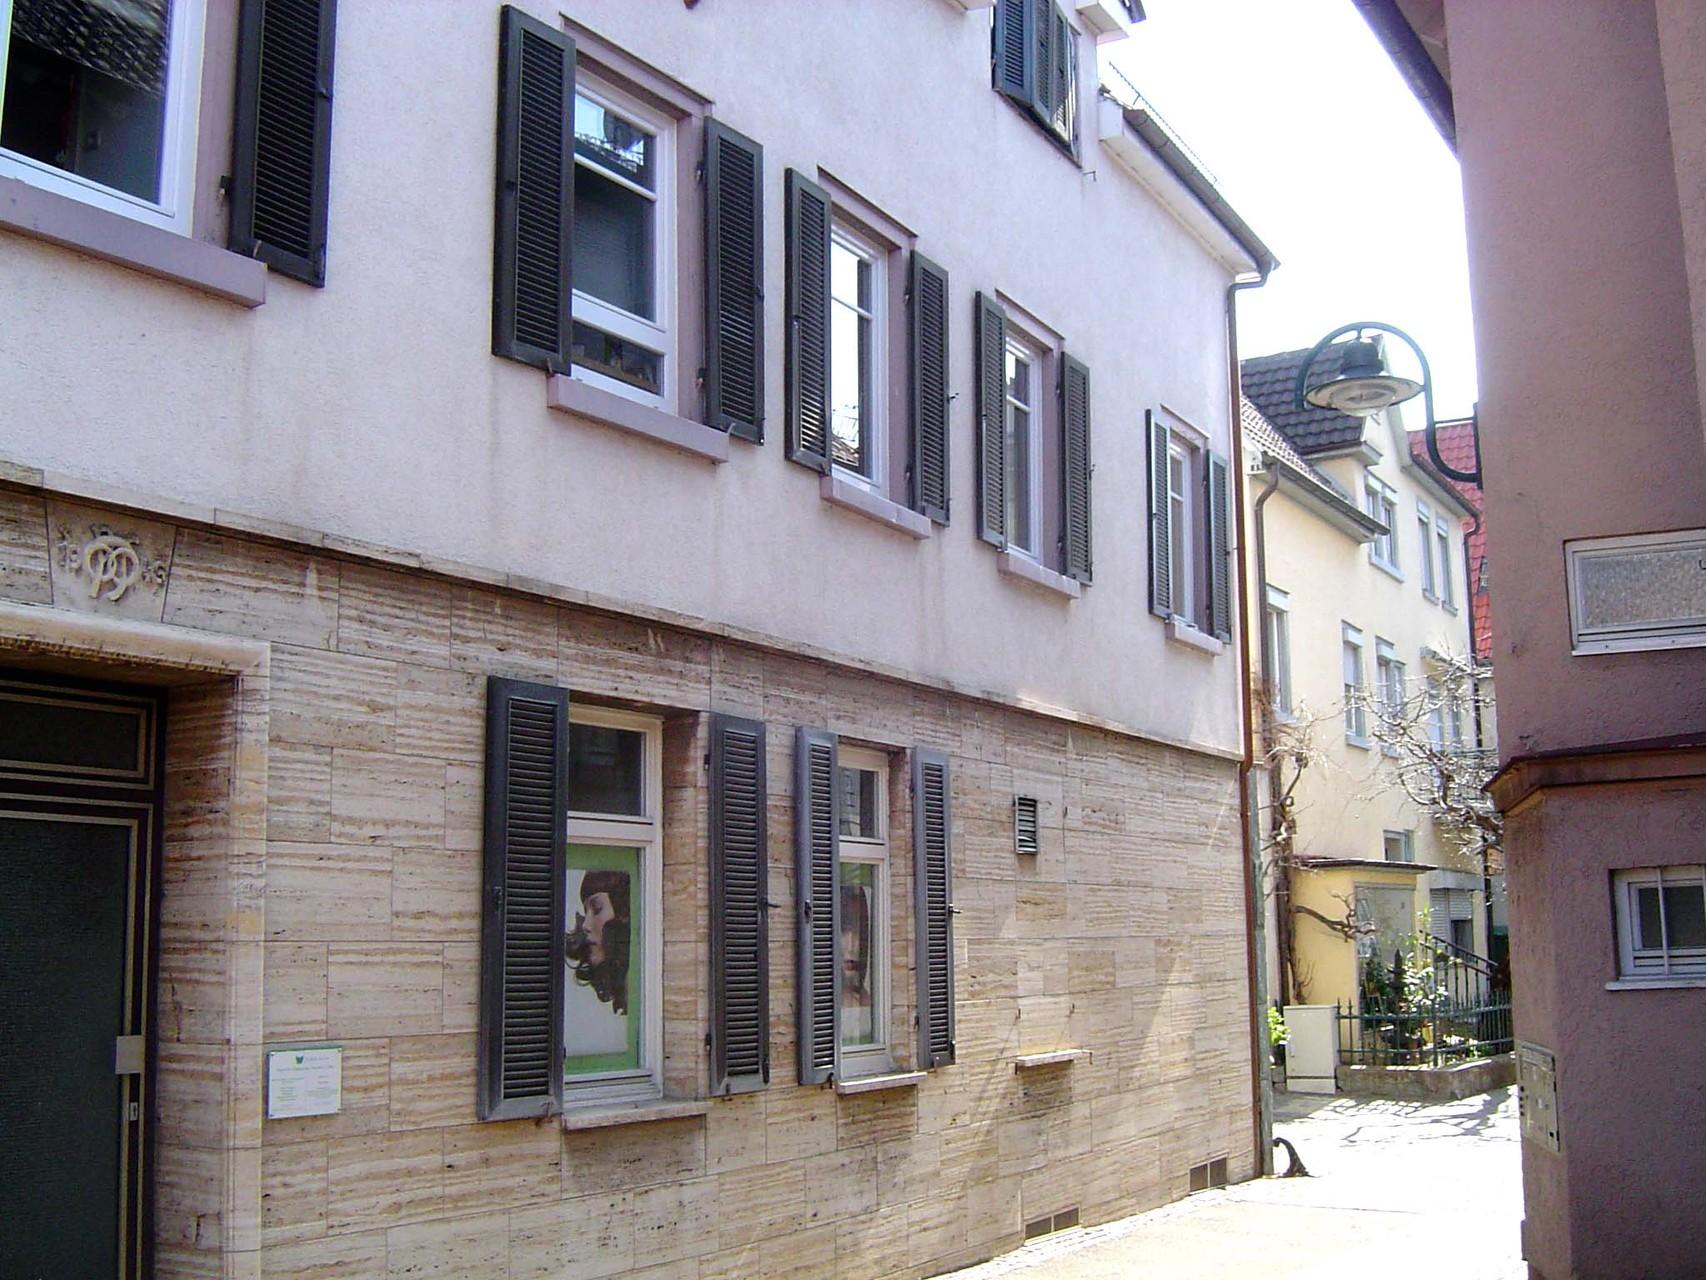 Bauflucht des Hauses Widdersteinstraße 17 aus der Seitengasse. Links über der Tür das Bäcker-Handwerkszeichen. Im Obergeschoss einige Fenster der langgestreckten Wohnung. (Foto: Ertl)